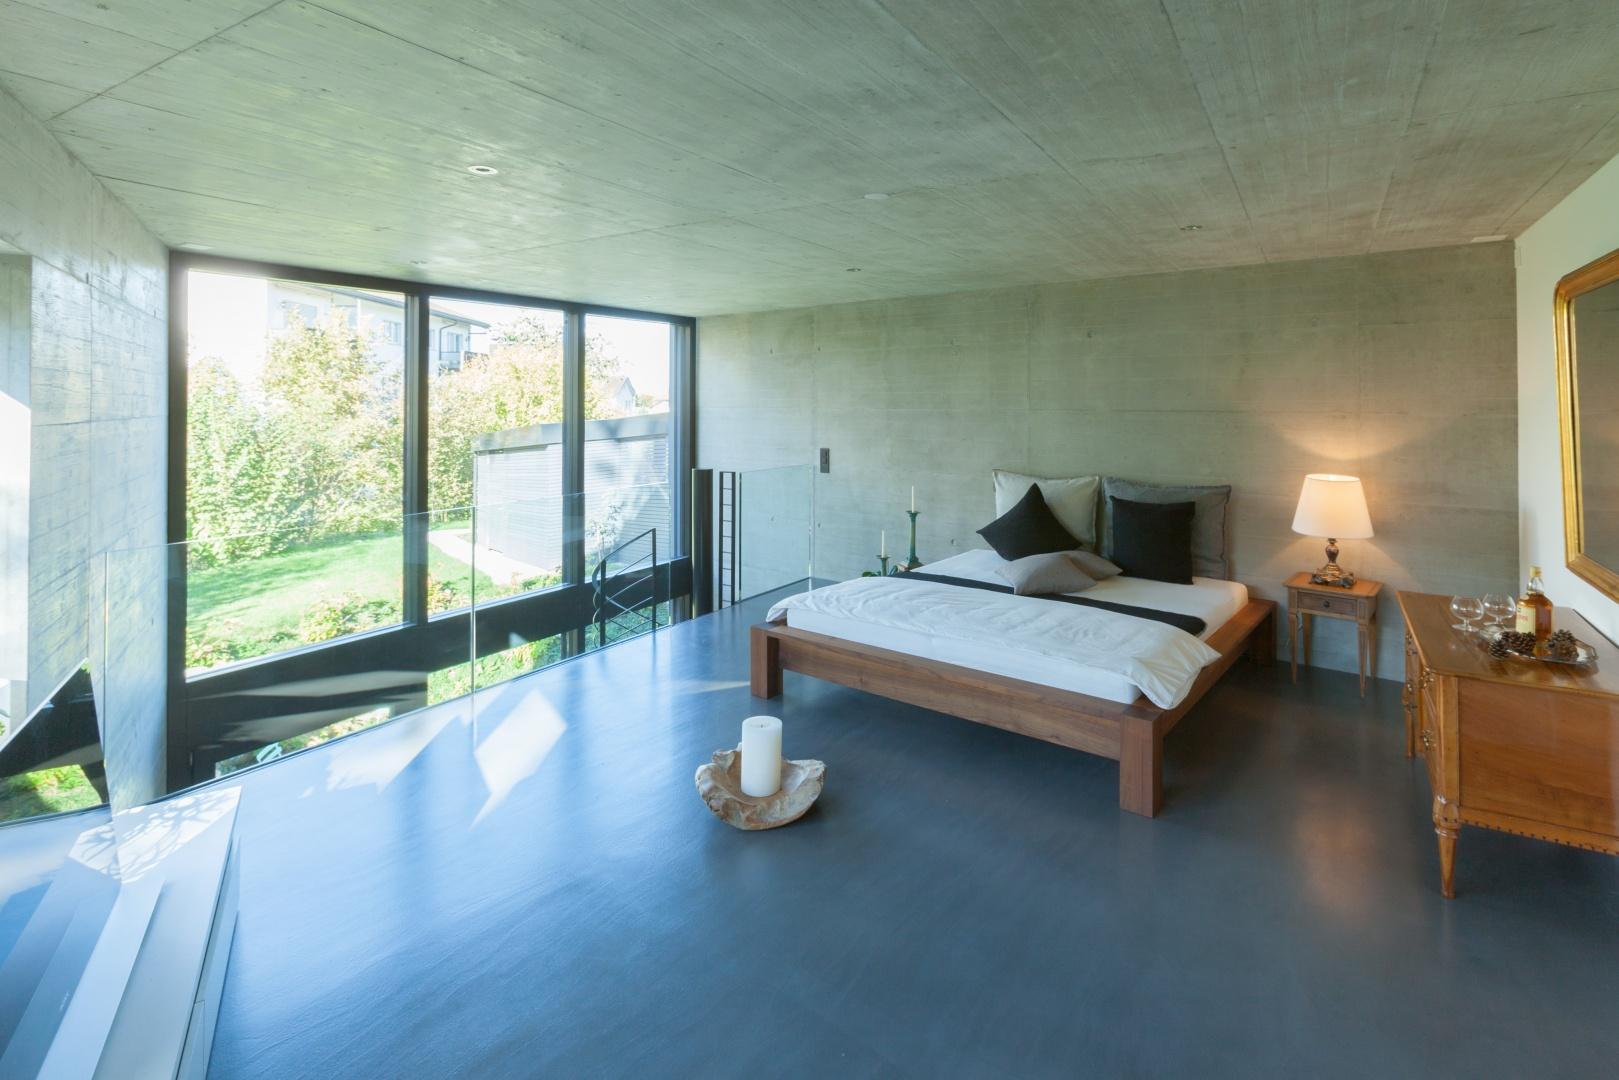 Galerie © von Mann Architektur GmbH, Sonnenhofstrasse 2, 8132 Egg